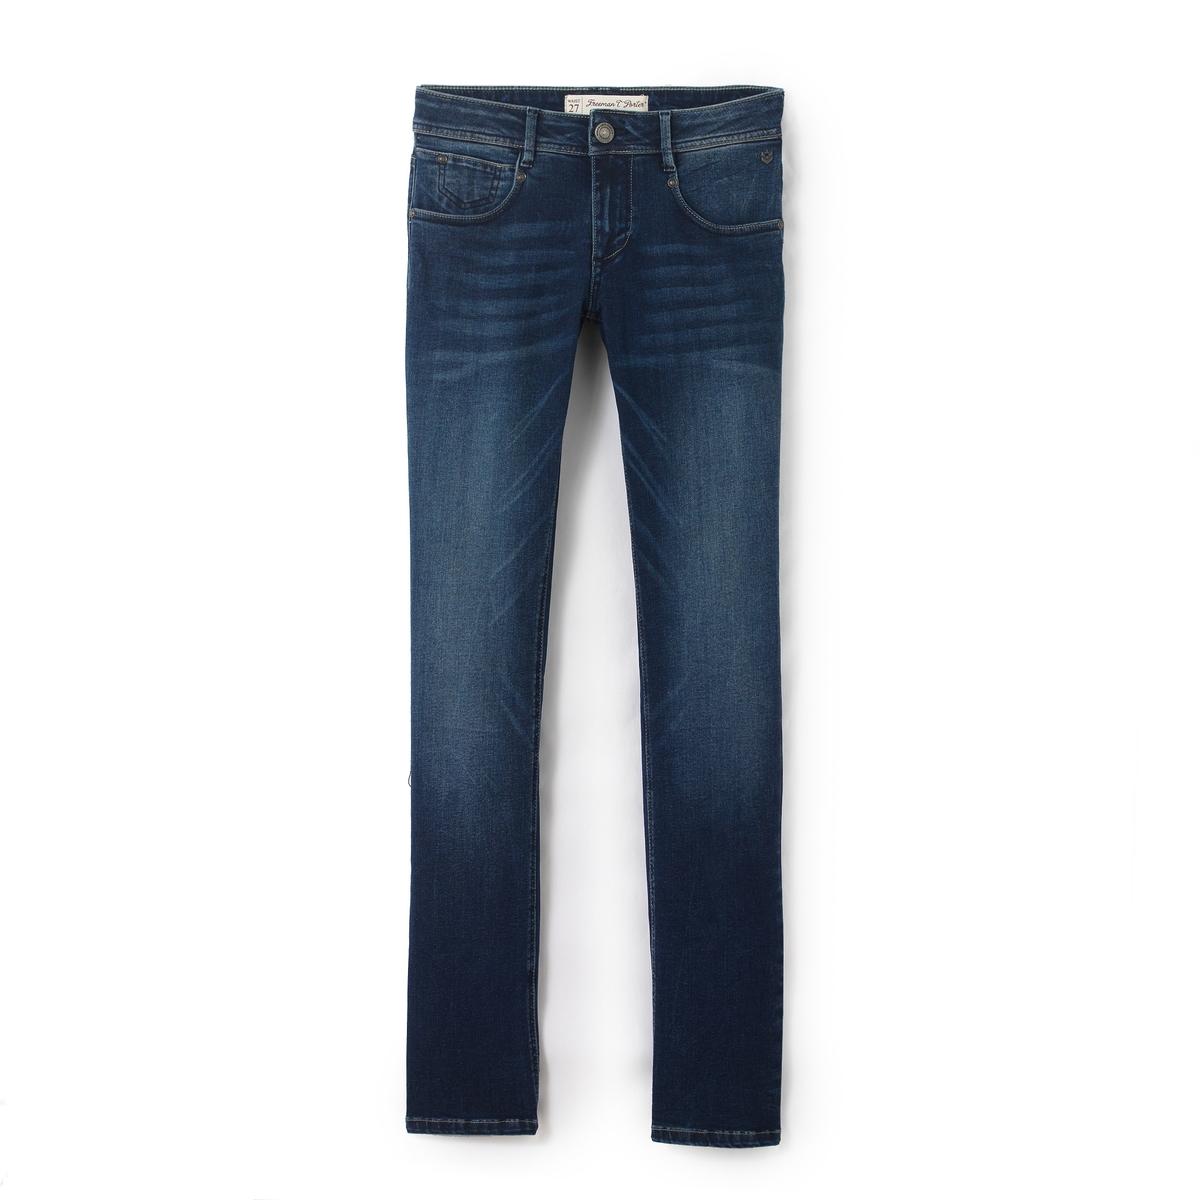 Джинсы прямые CHARLIE, стандартная высота поясаМатериал : 90% хлопка, 8% эластомультиэстера, 2% эластана            Высота пояса : стандартная          Покрой джинсов : классический, прямой          Длина джинсов : длина 32<br><br>Цвет: синий<br>Размер: 27 длина 32.26 длина 32.25 длина 32.30 (US) длина 32